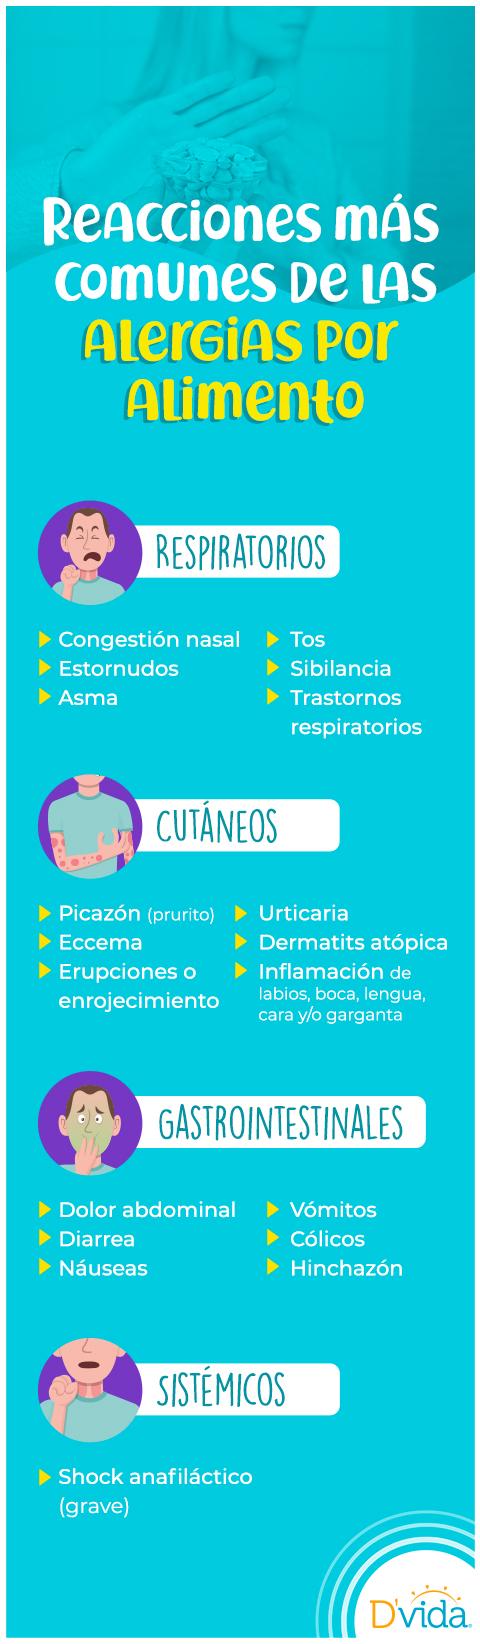 infografia-alergia-alimentaria